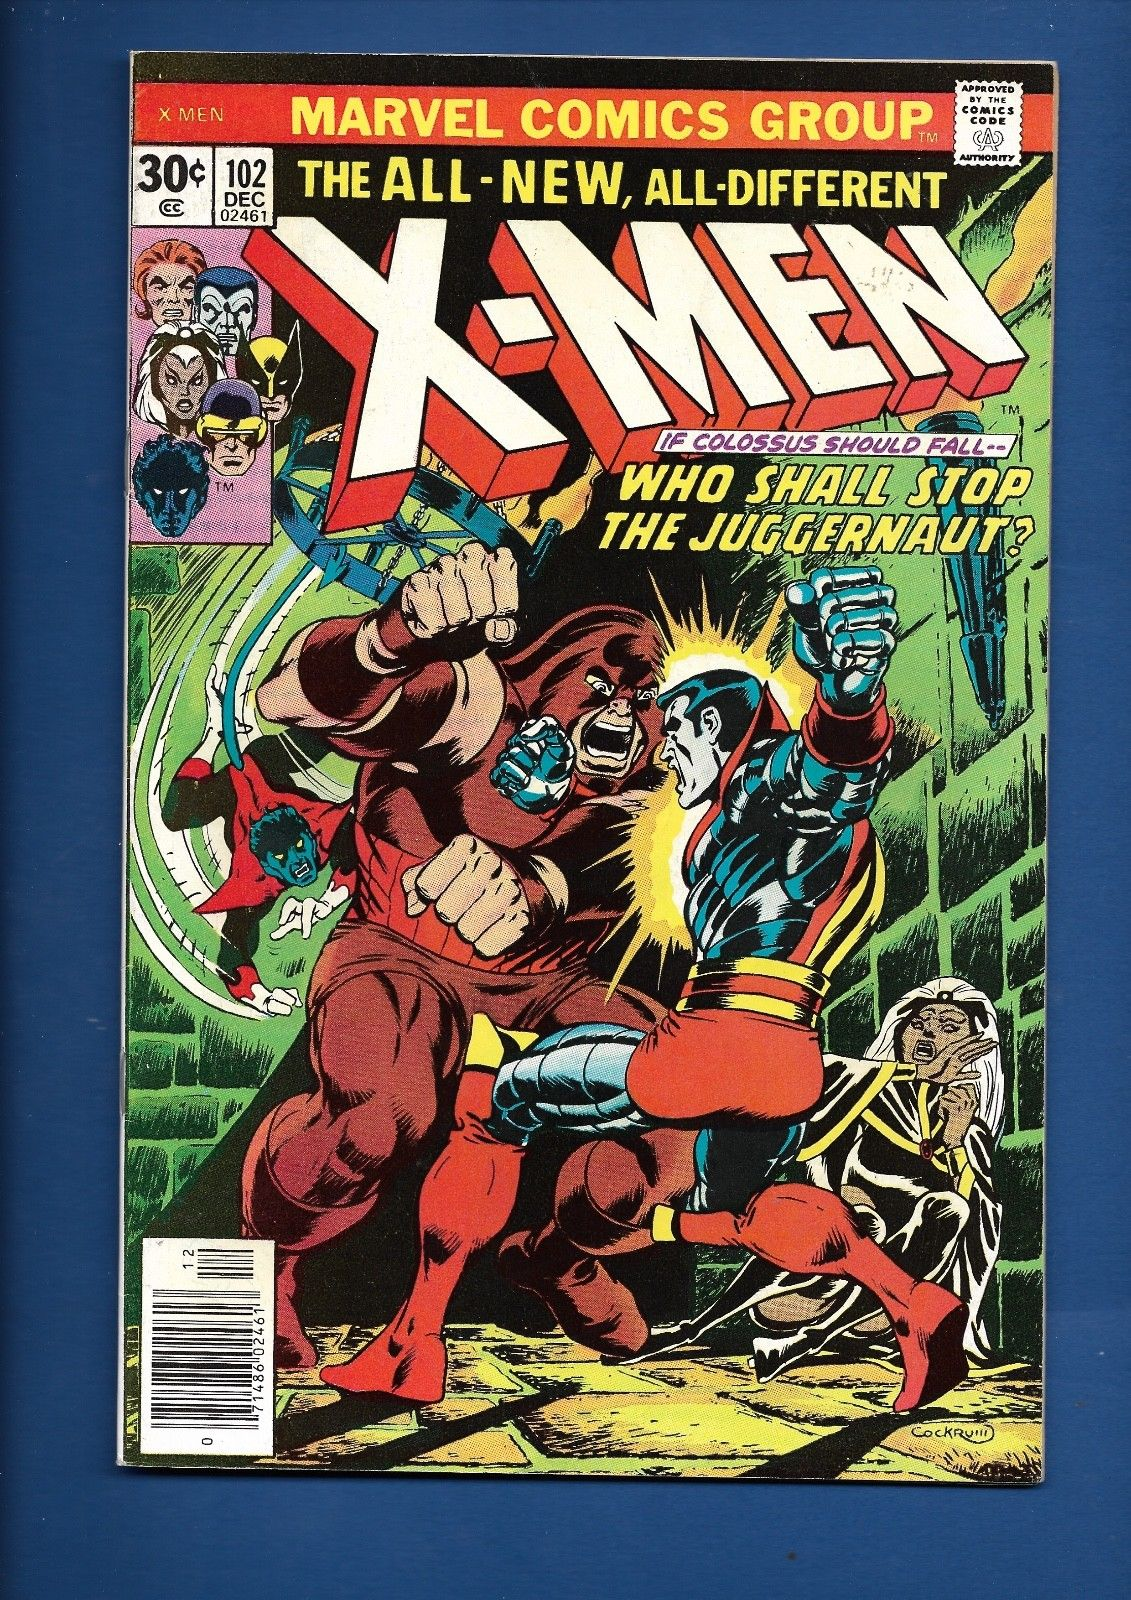 UNCANNY X-MEN XMEN #102 104 105 106 110 111 MARVEL 1977 BRONZE AGE COMIC LOT